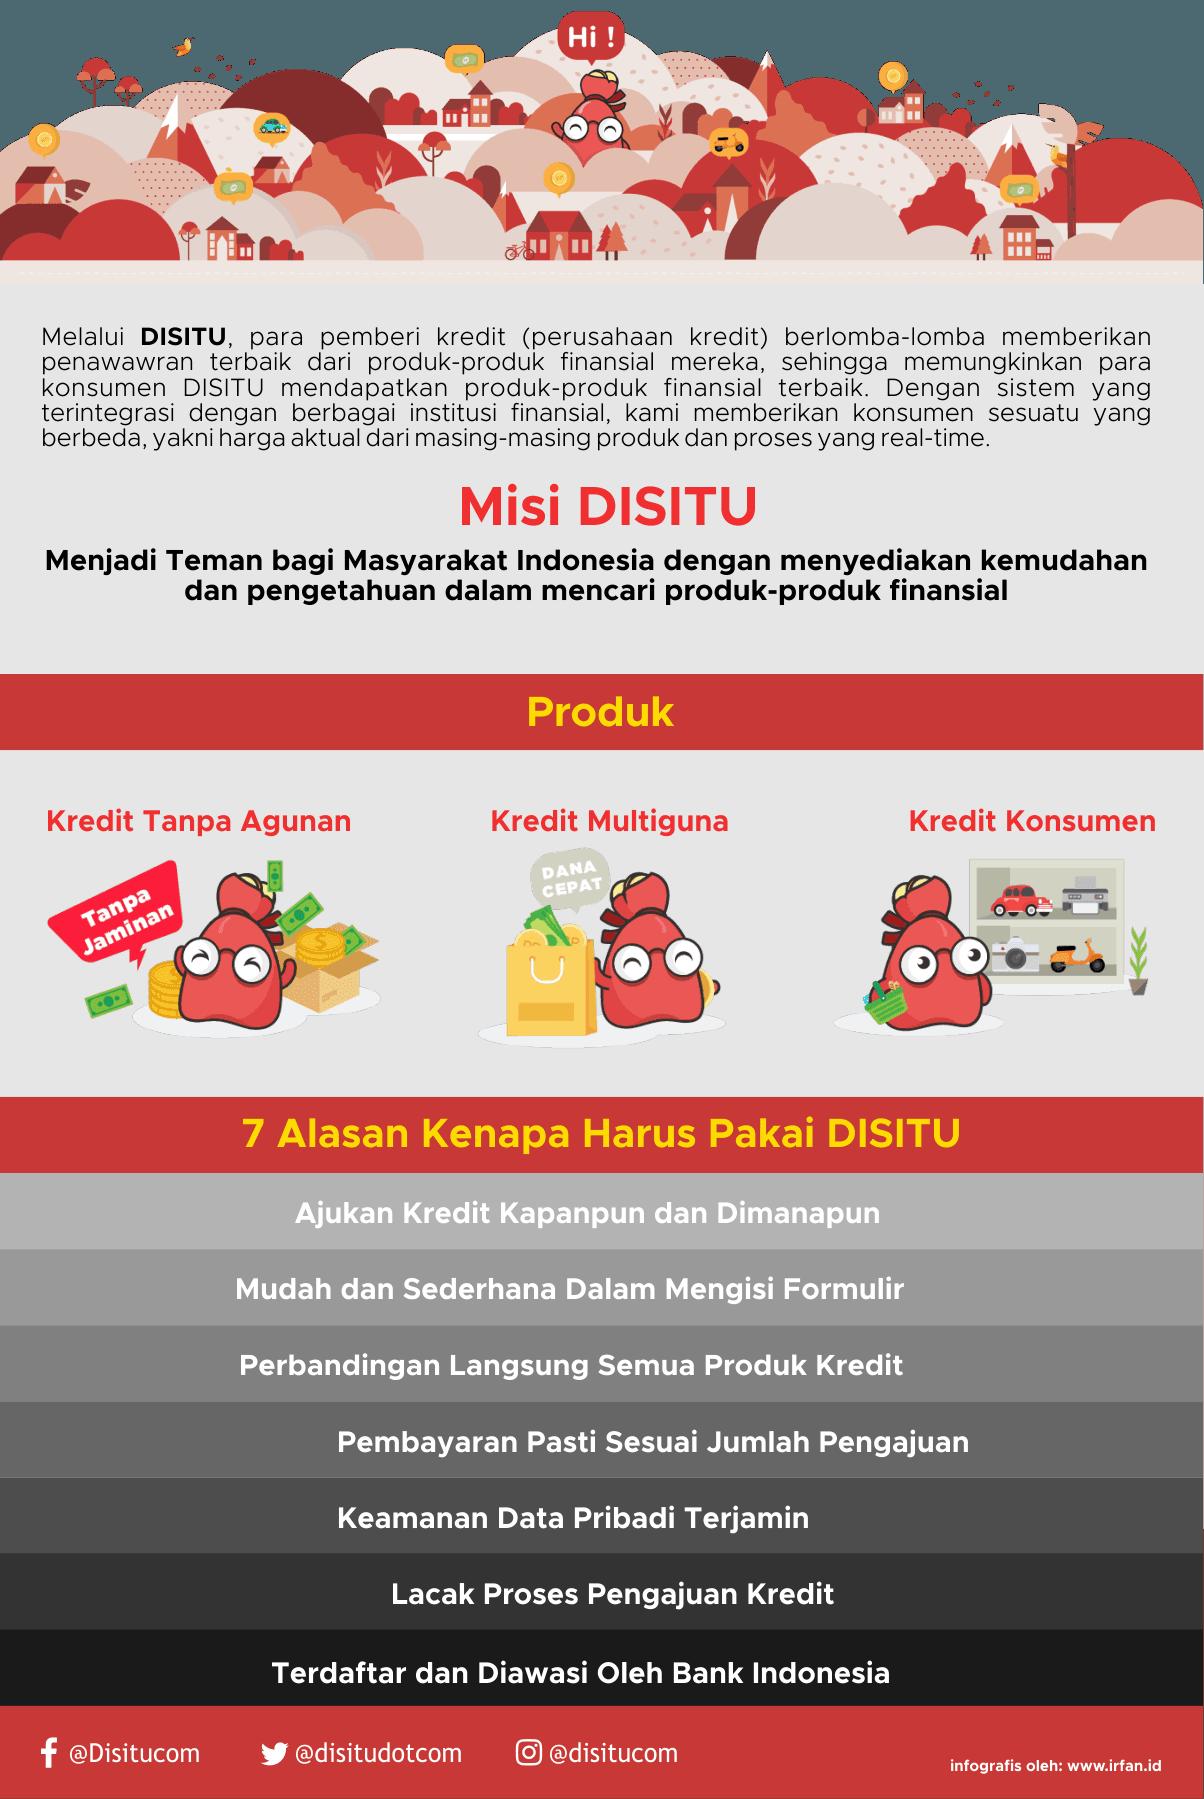 Hari Gini Ajukan KTA Masih Ke Bank? Gak Jaman, DISITU.com Aja! 3